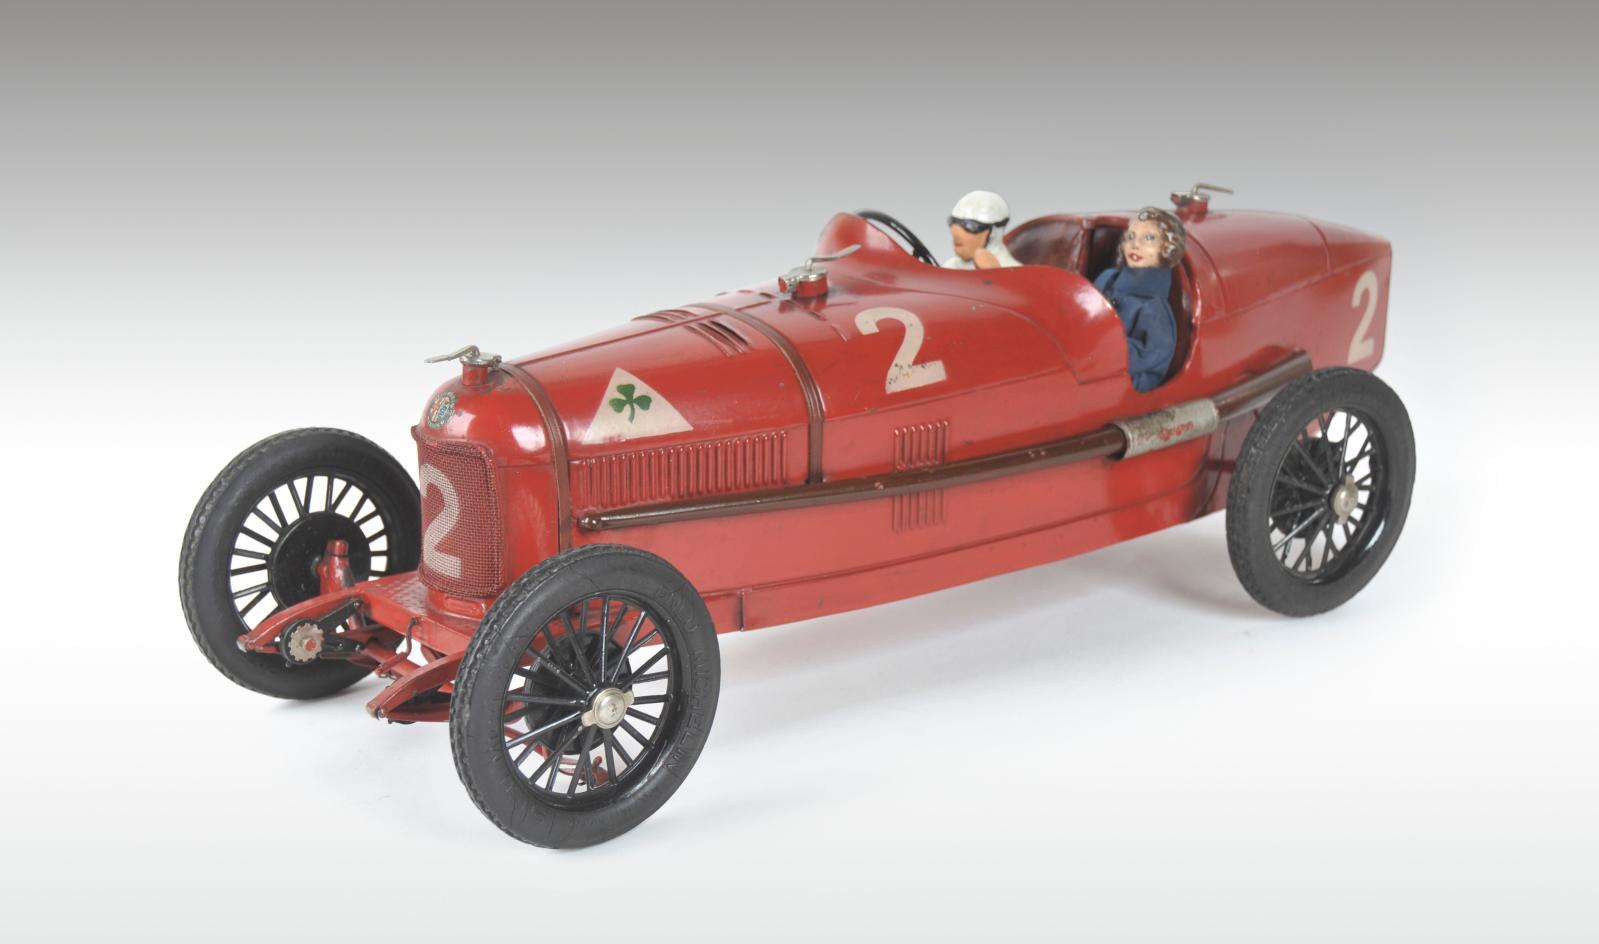 CIJ, vers 1932. Alfa Romeo Grand PrixP2, en tôle laquée rouge clair,puissant moteur à ressort, version dite de luxe avec amortisseur et b